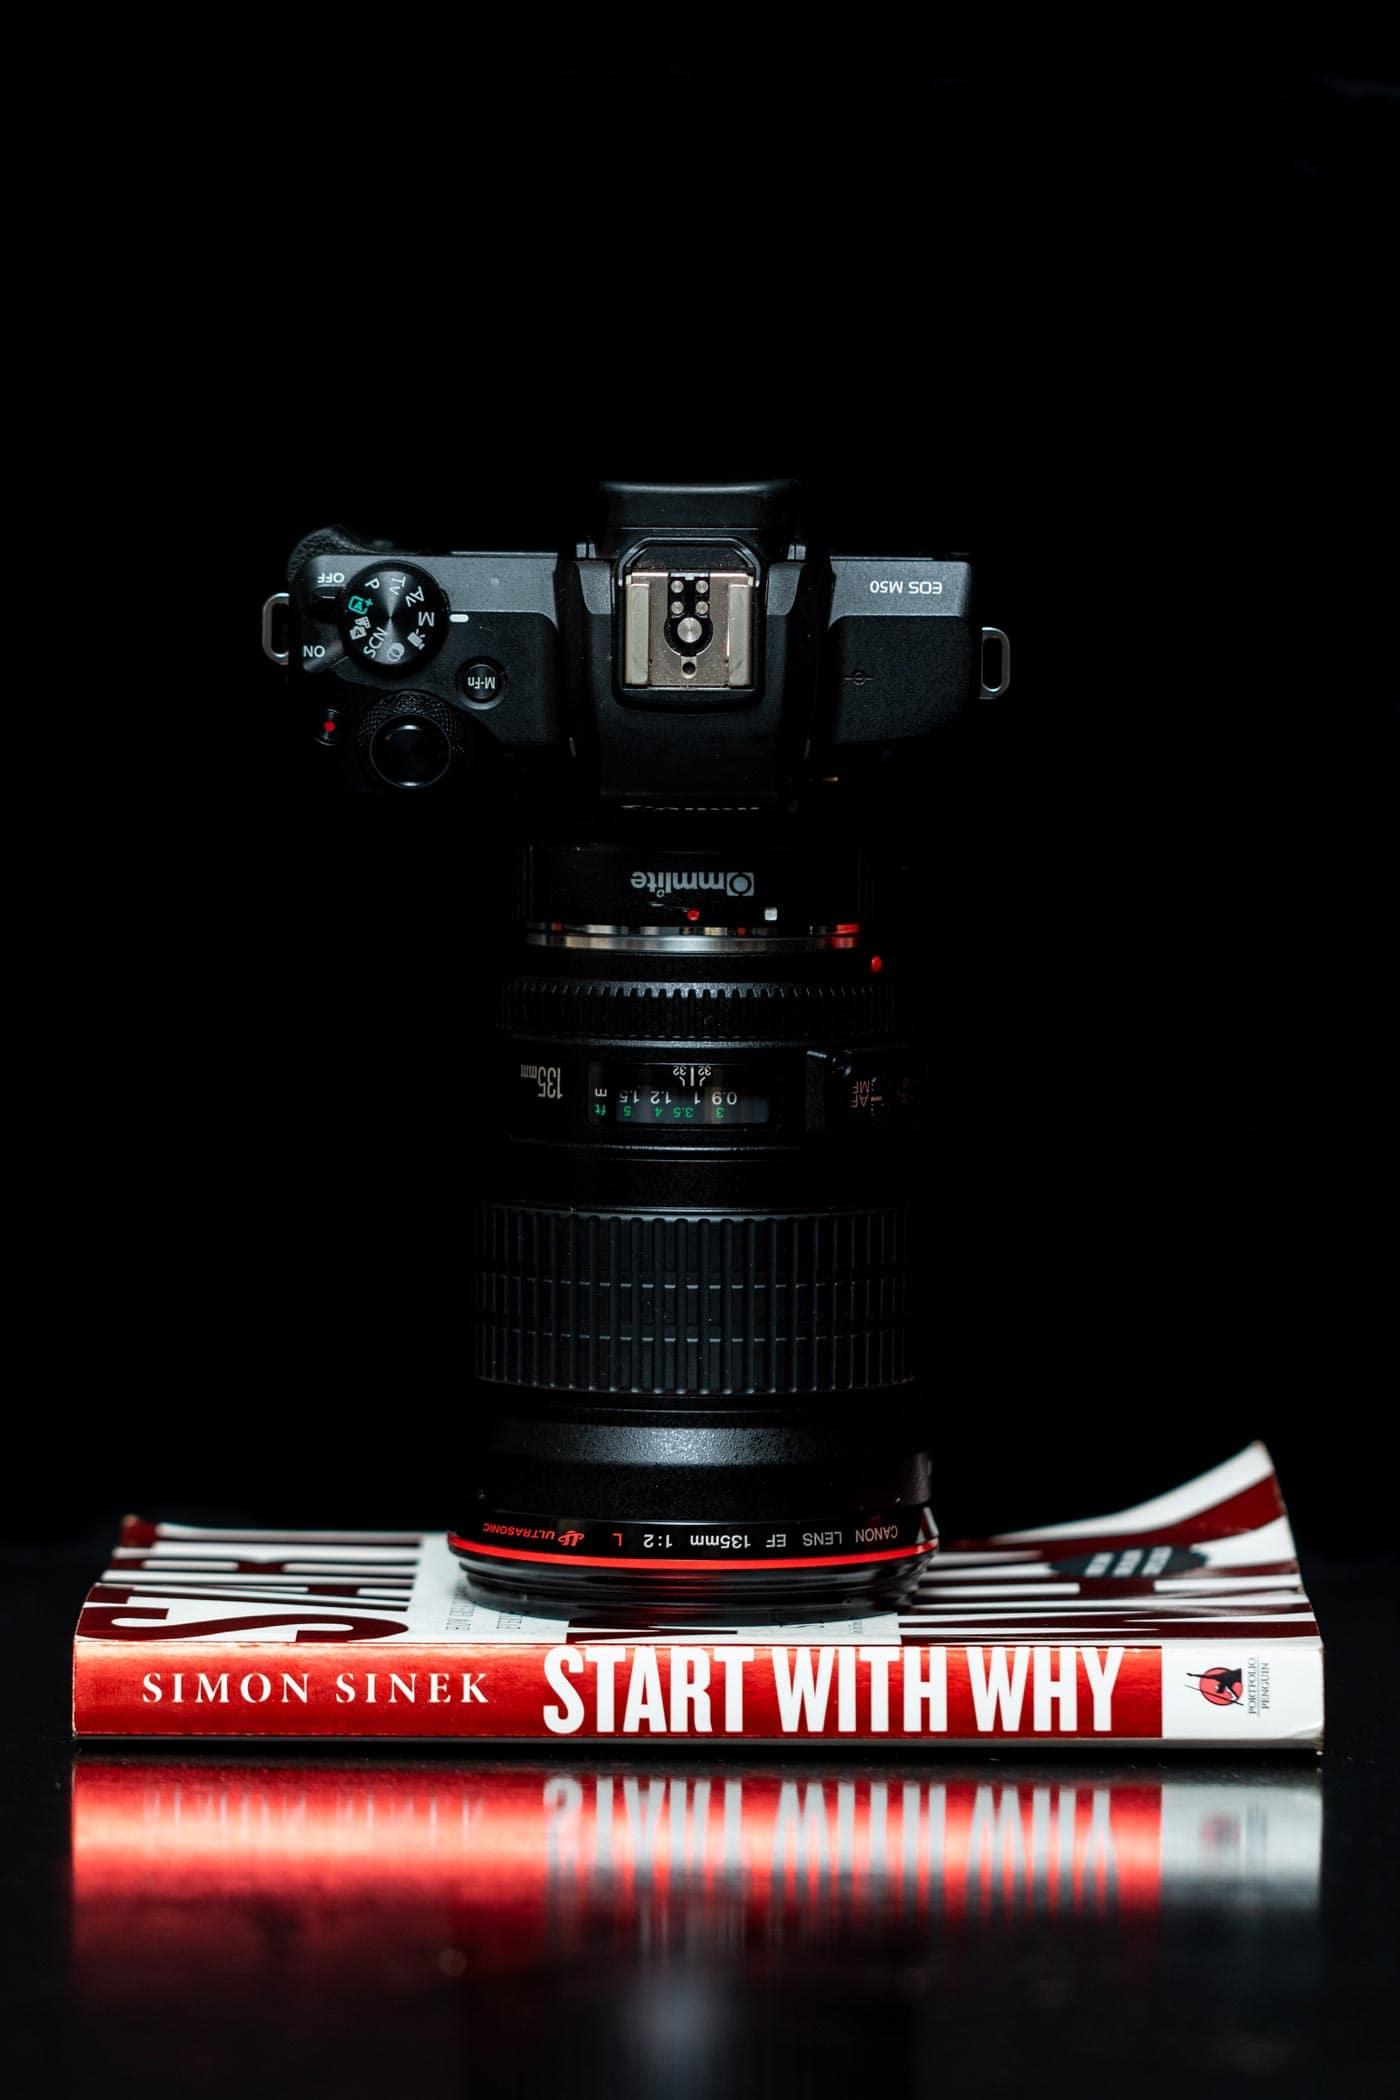 50 ایده ناب و خلاقانه برای عکاسی از کتاب | کاغذ رنگی